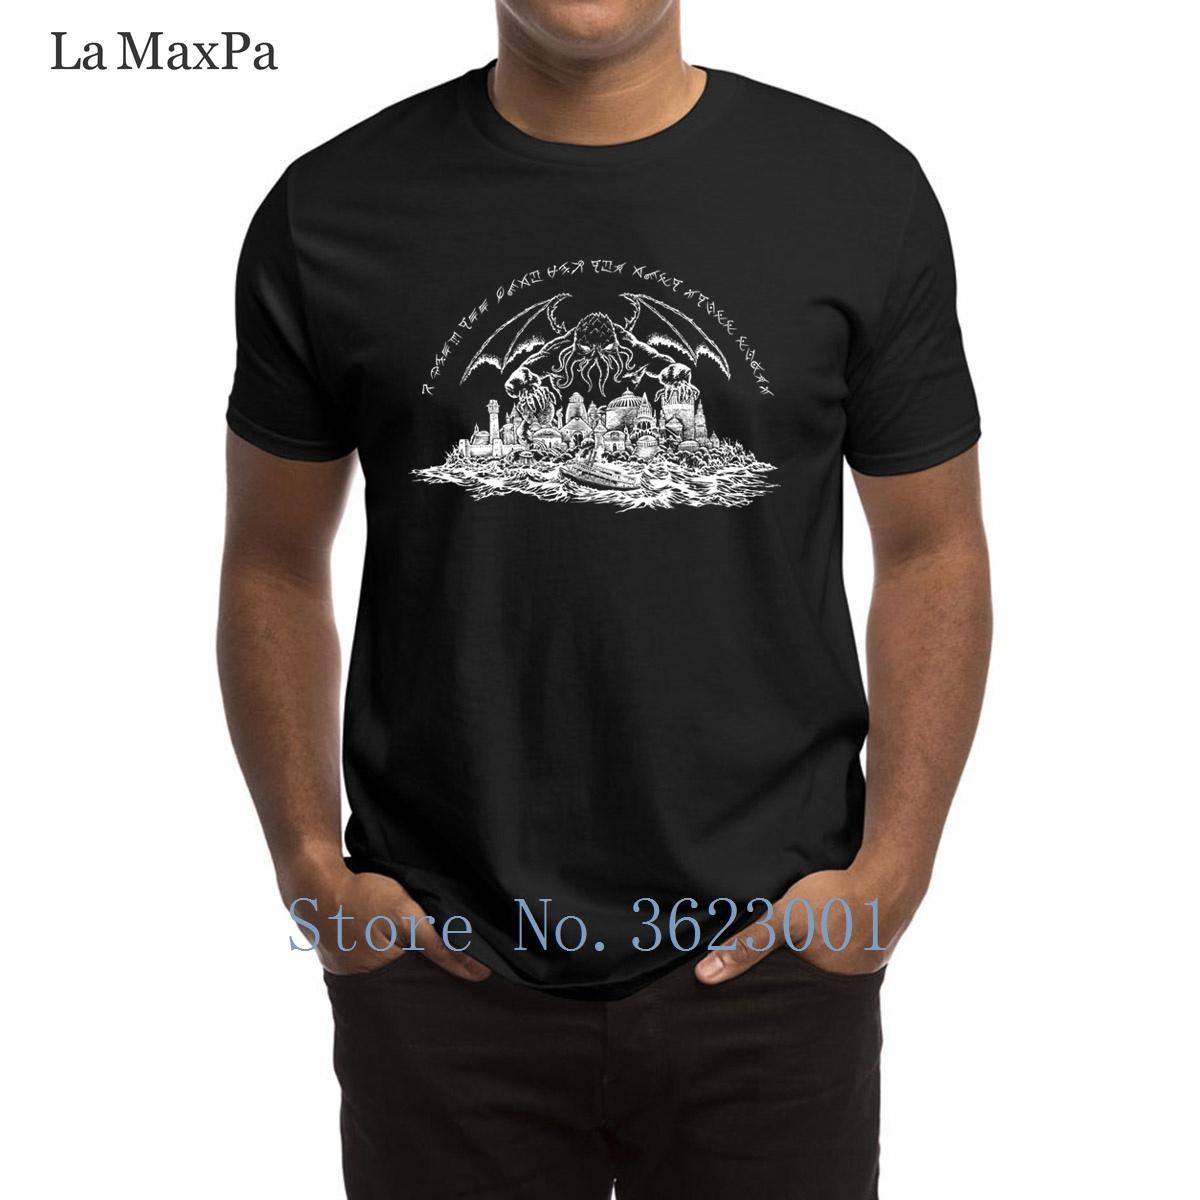 Drucke Buchstaben T-Shirt für Männer Ich weiß zu vielen T-Shirt Quirky Herren T-Shirt Man Basic Plus Größe Männer-T-Shirt Hip Hop